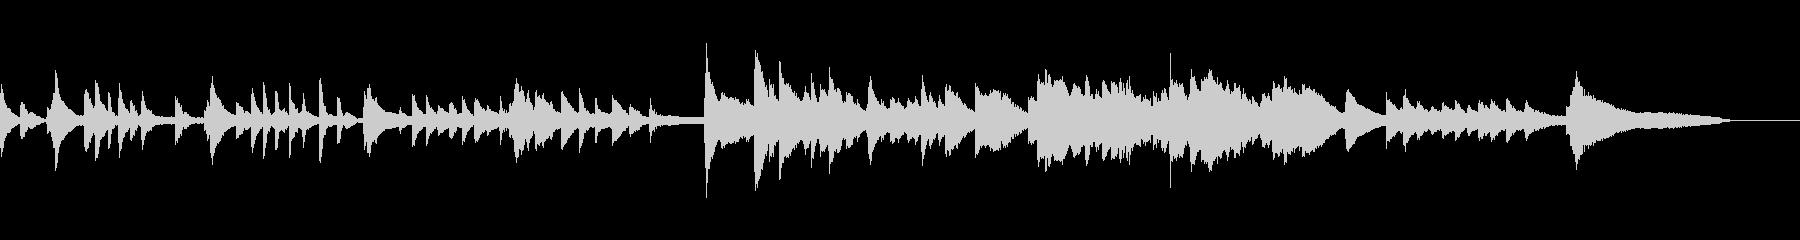 切ないピアノソロ曲・ゲームオーバーなどにの未再生の波形